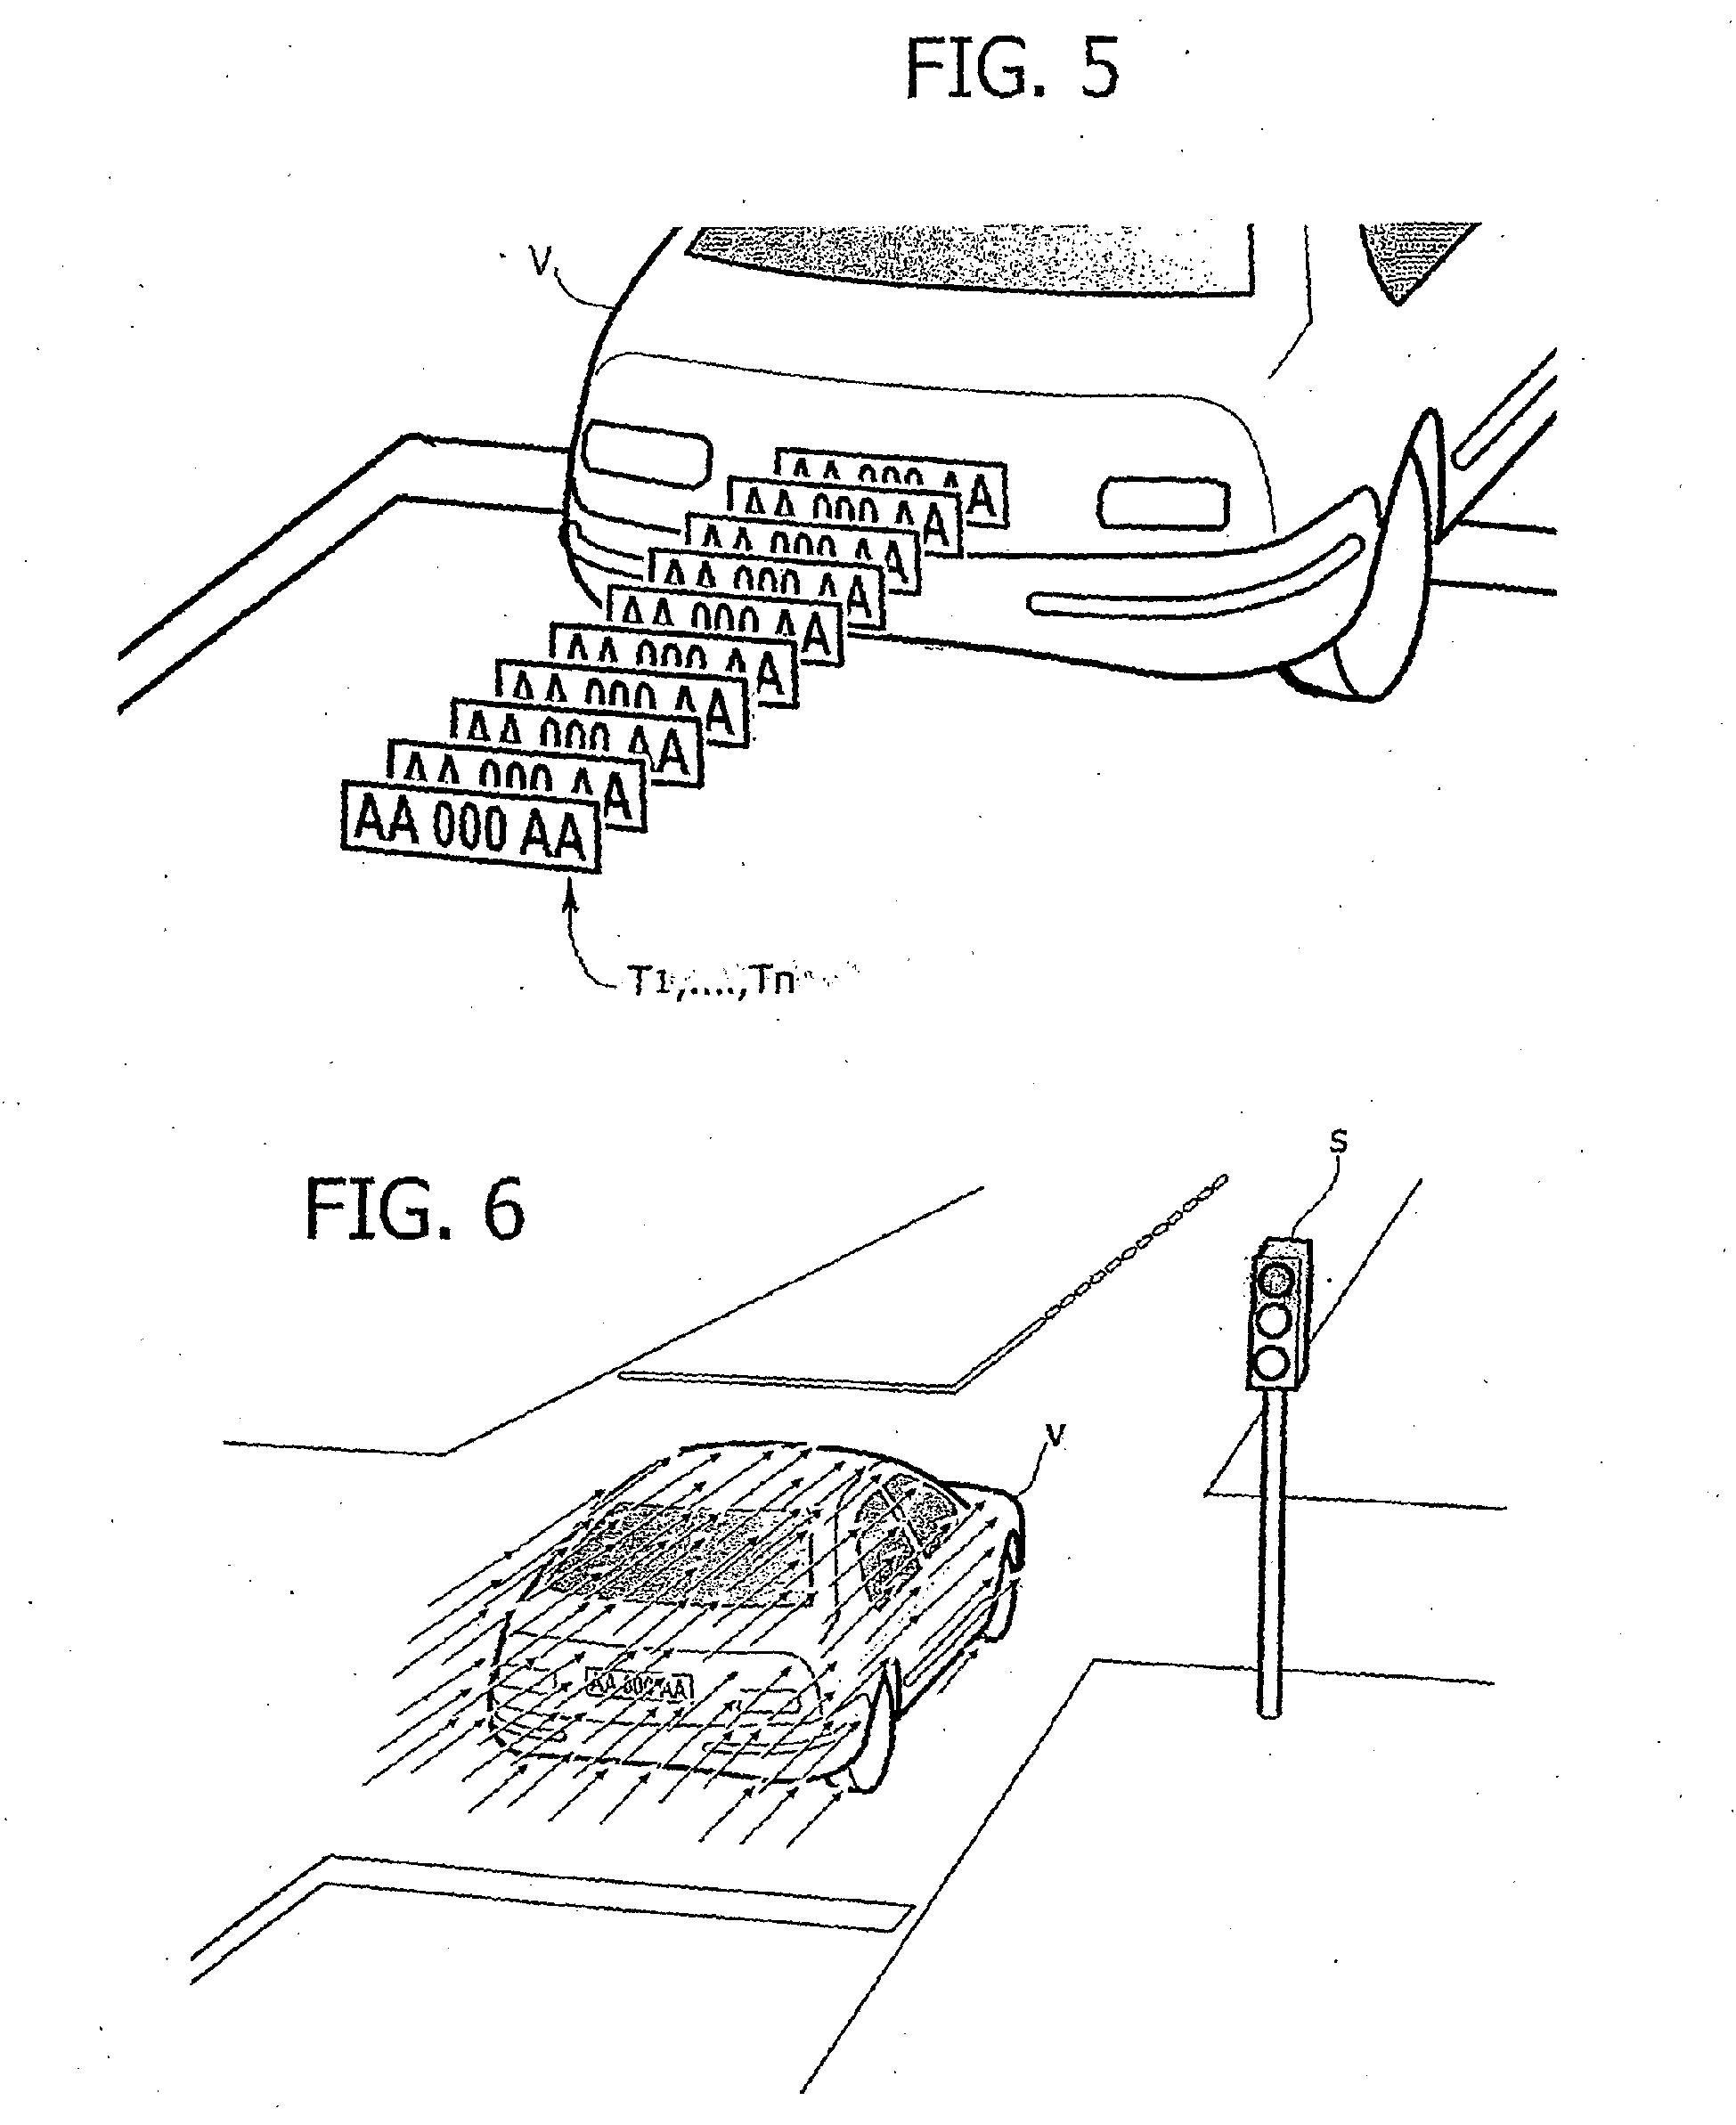 patent ep1997090b1 system zum erkennen von fahrzeugen google patentsuche. Black Bedroom Furniture Sets. Home Design Ideas